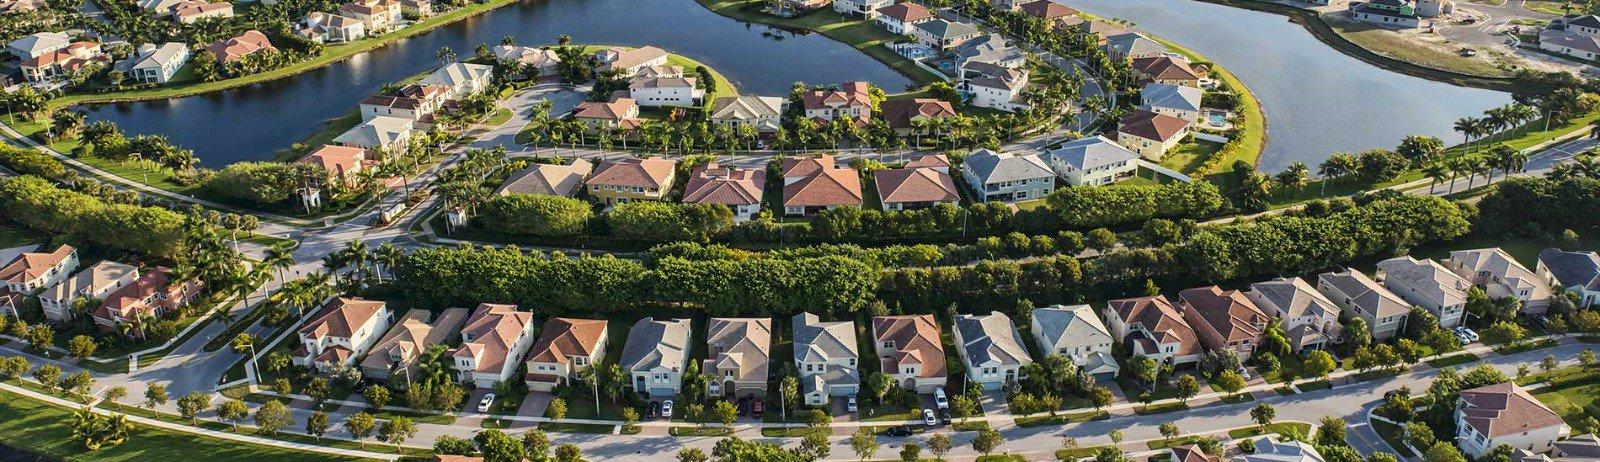 Descubra Davenport, a cidade das principais hospedagens na Flórida